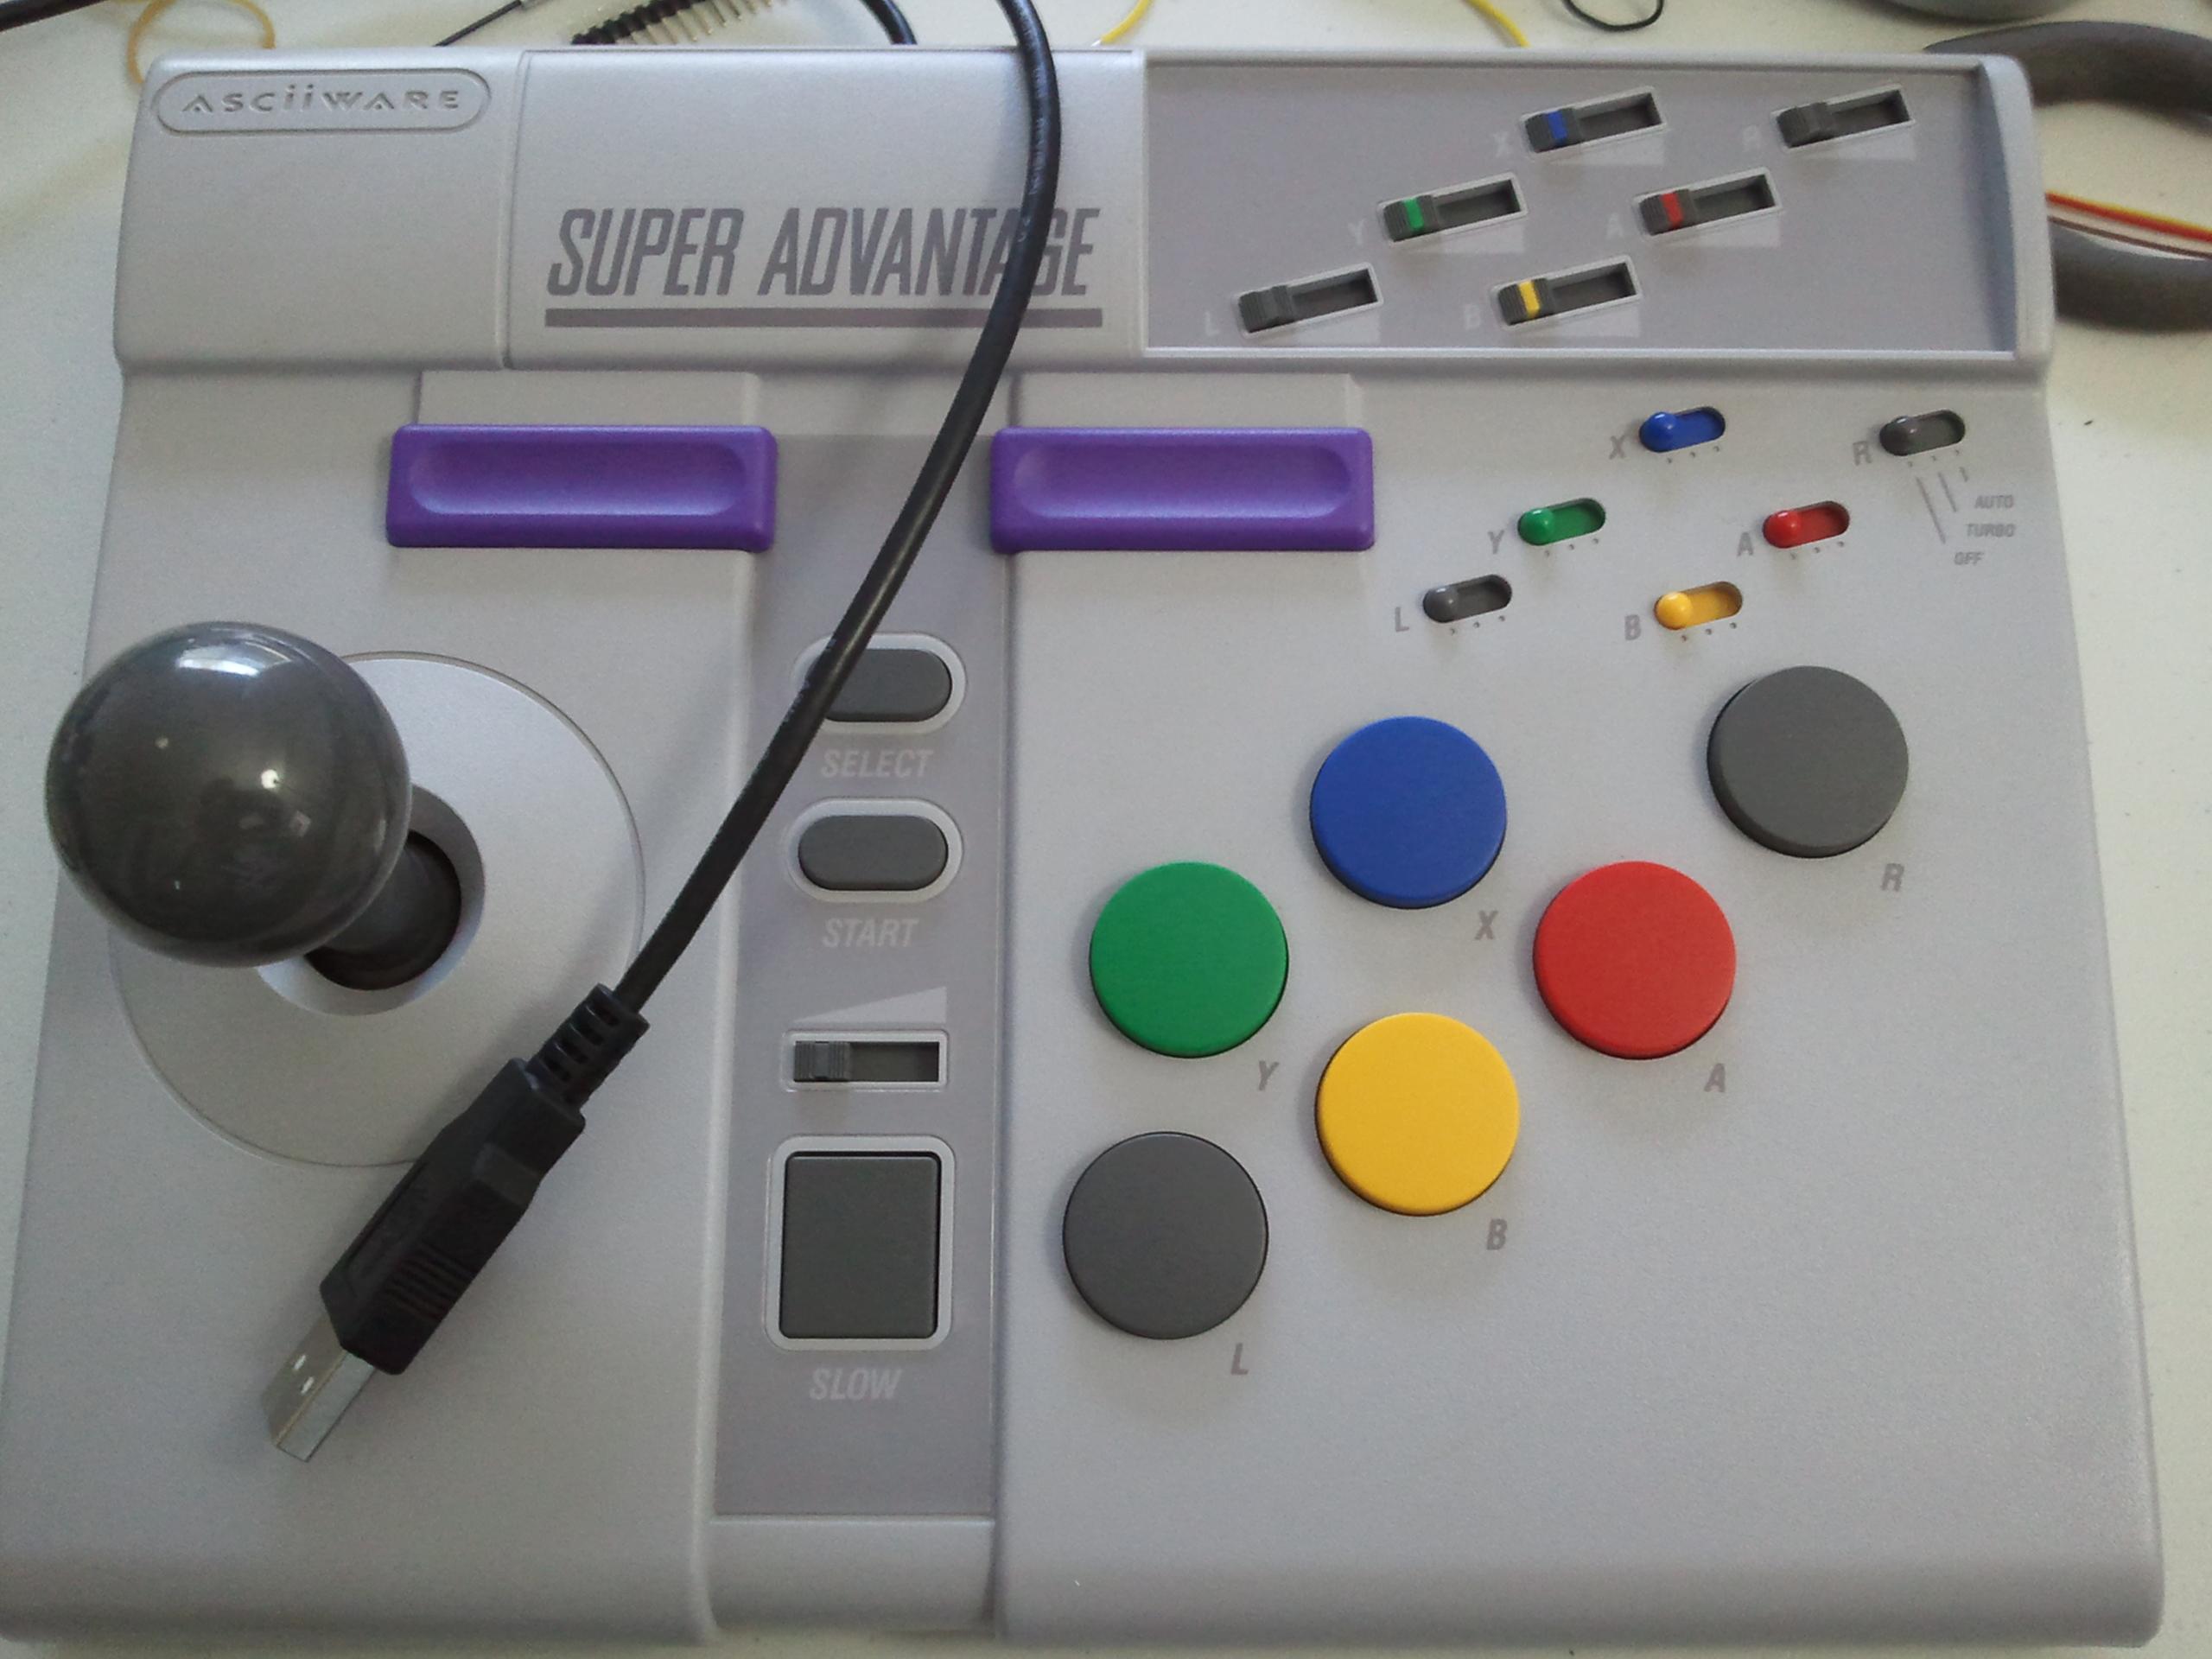 SNES Super Advantage + Teensy = USB/PS3 Joystick